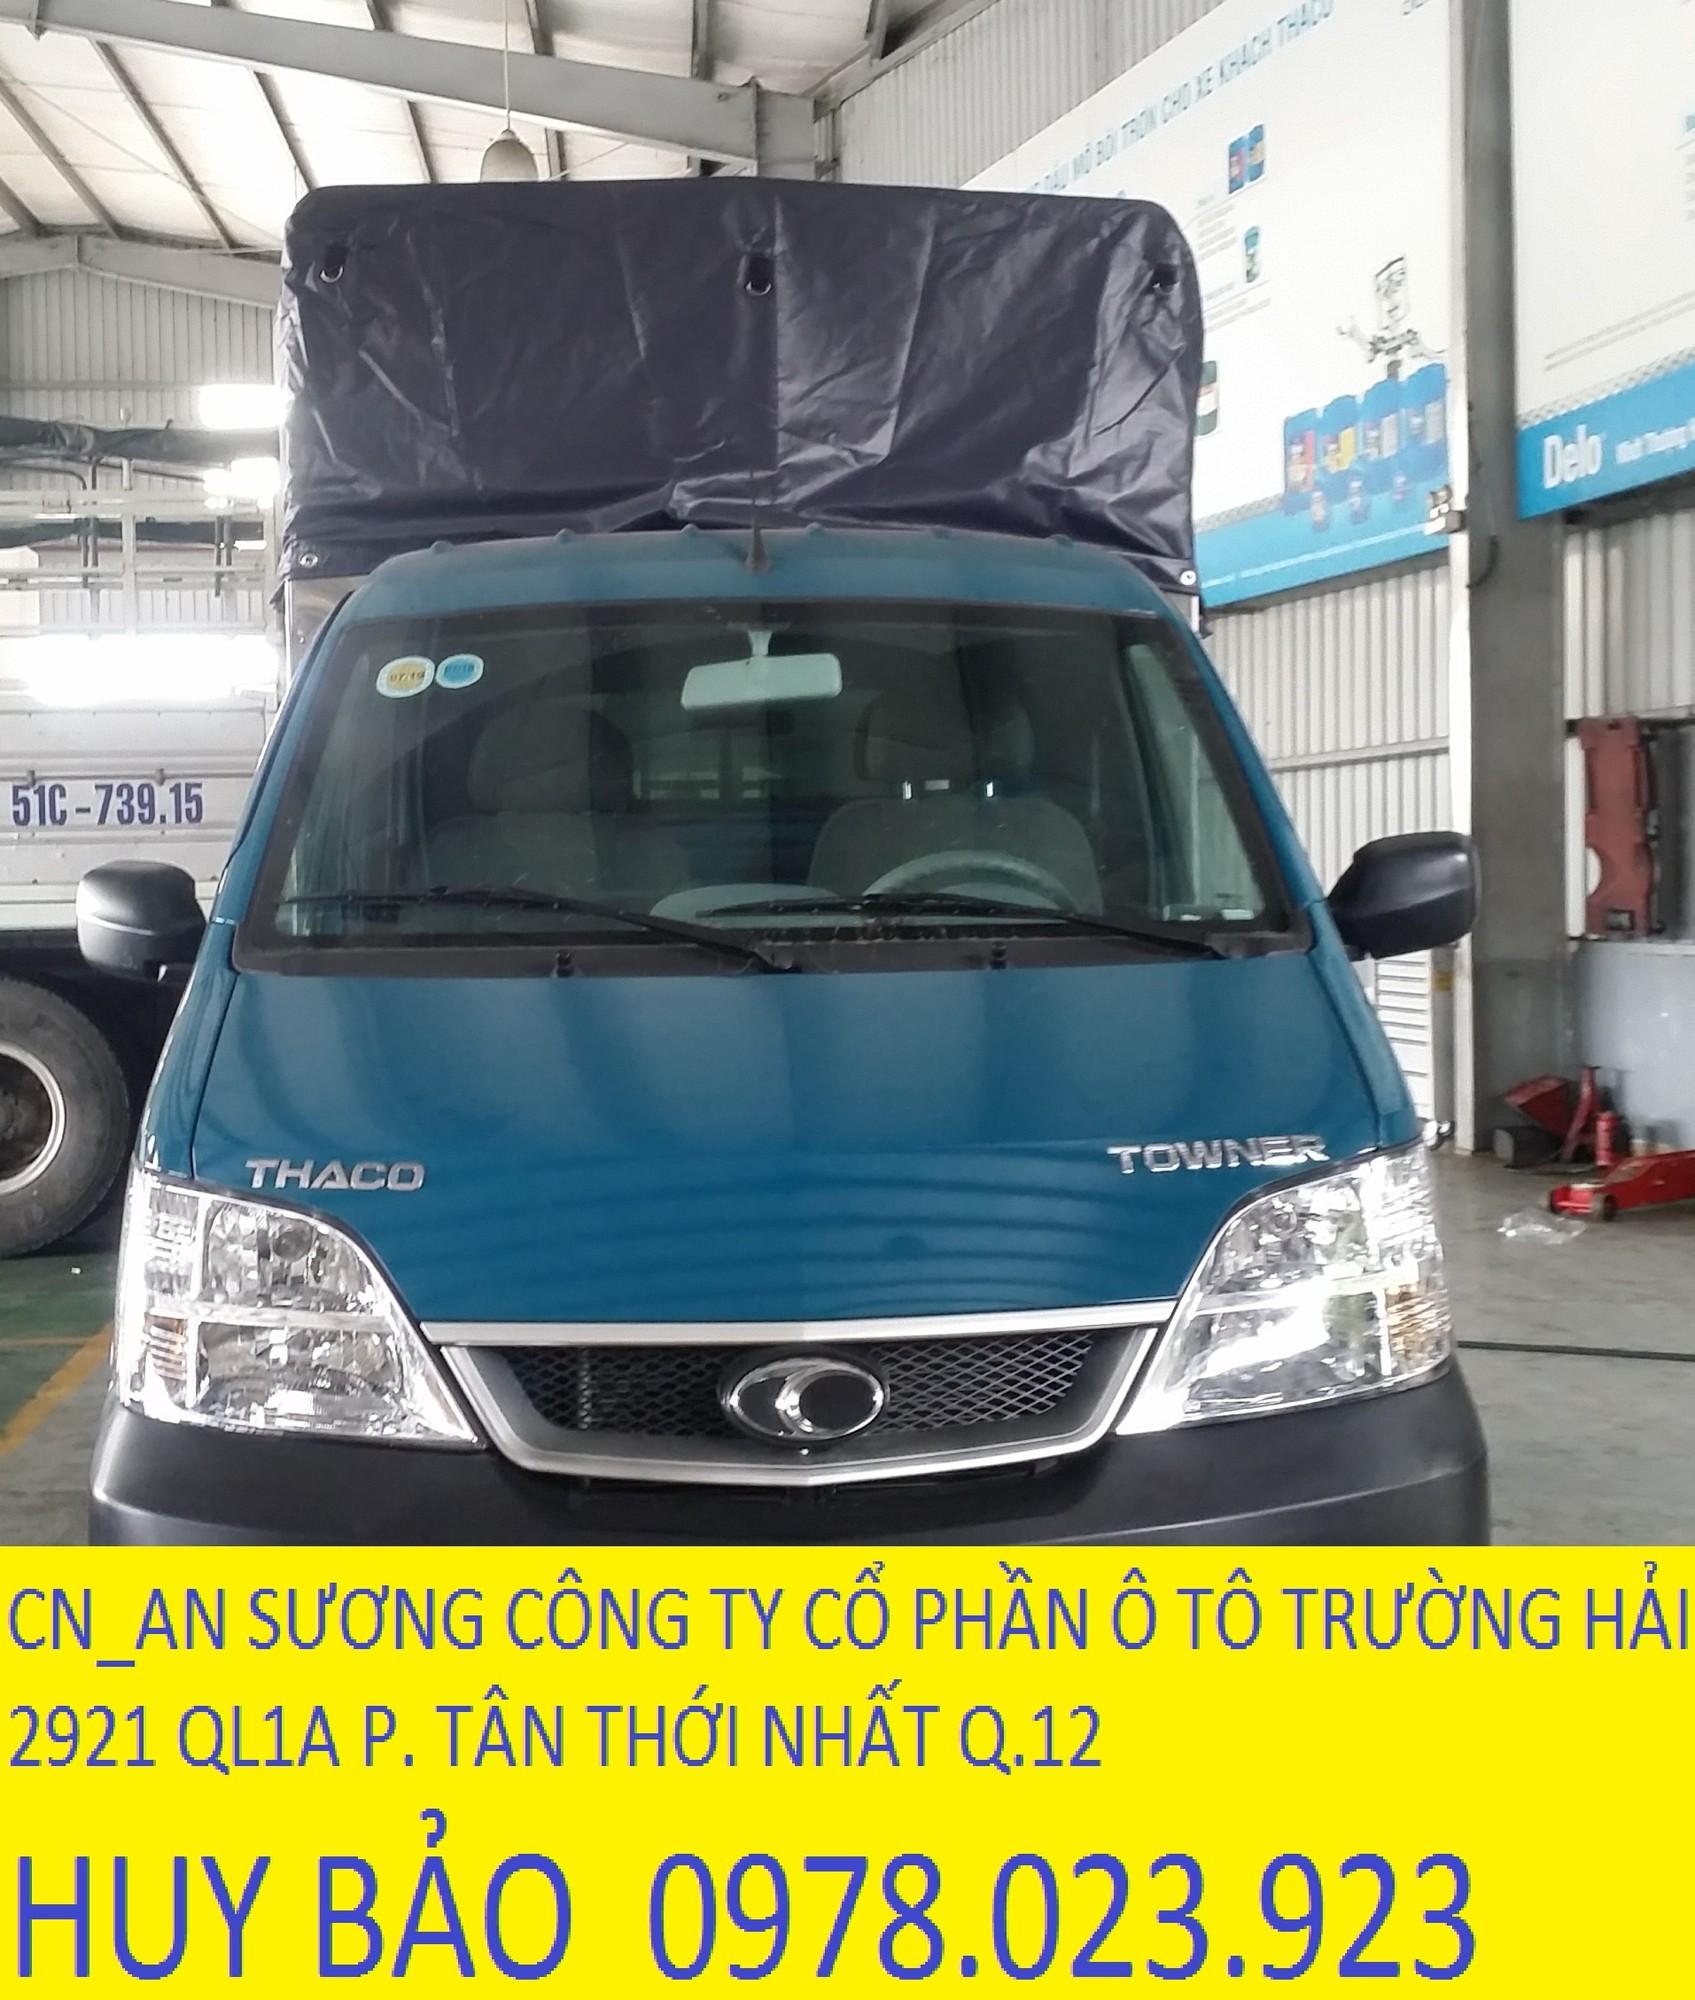 Xe tải thaco towner 750 kg phun xăng điện tử thùng dài 2.6m Ảnh số 41334483